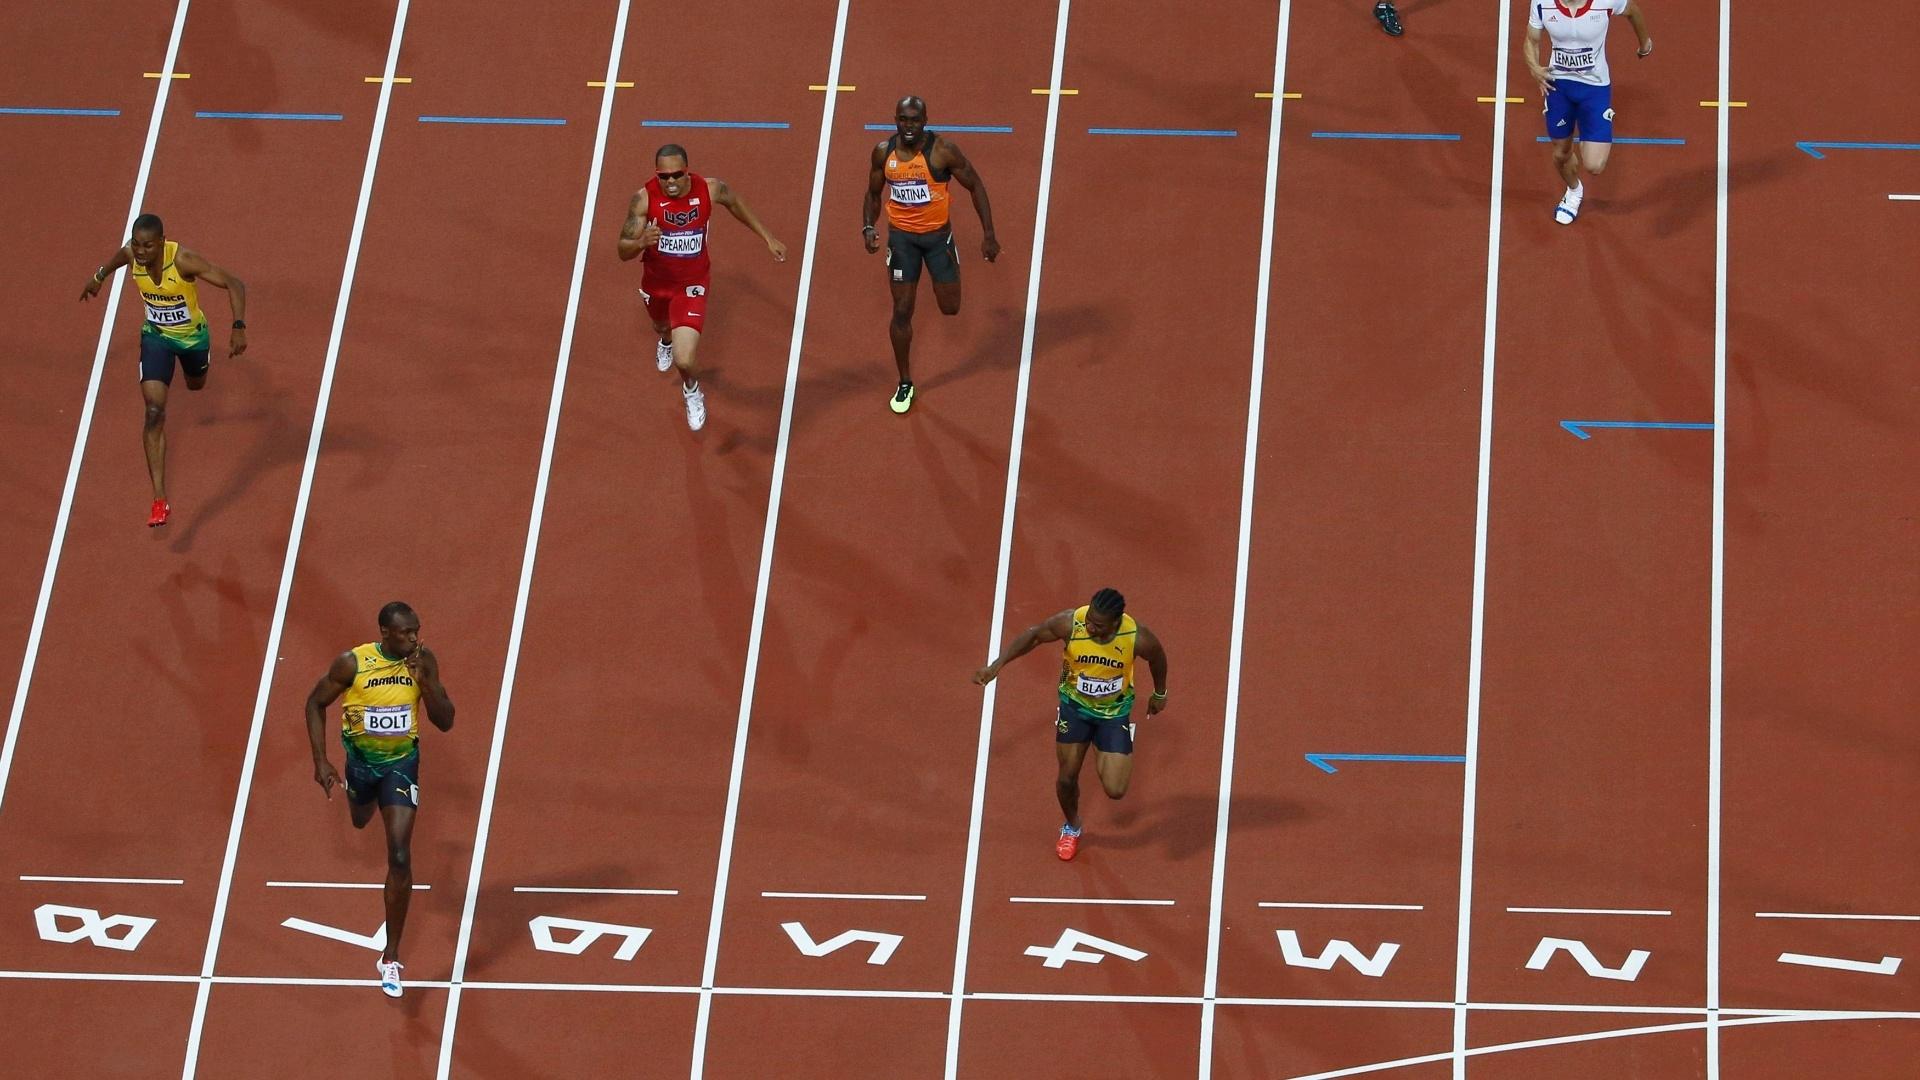 Usain Bolt cruza a linha em primeiro lugar e ganha a prova dos 200 m rasos dos Jogos de Londres